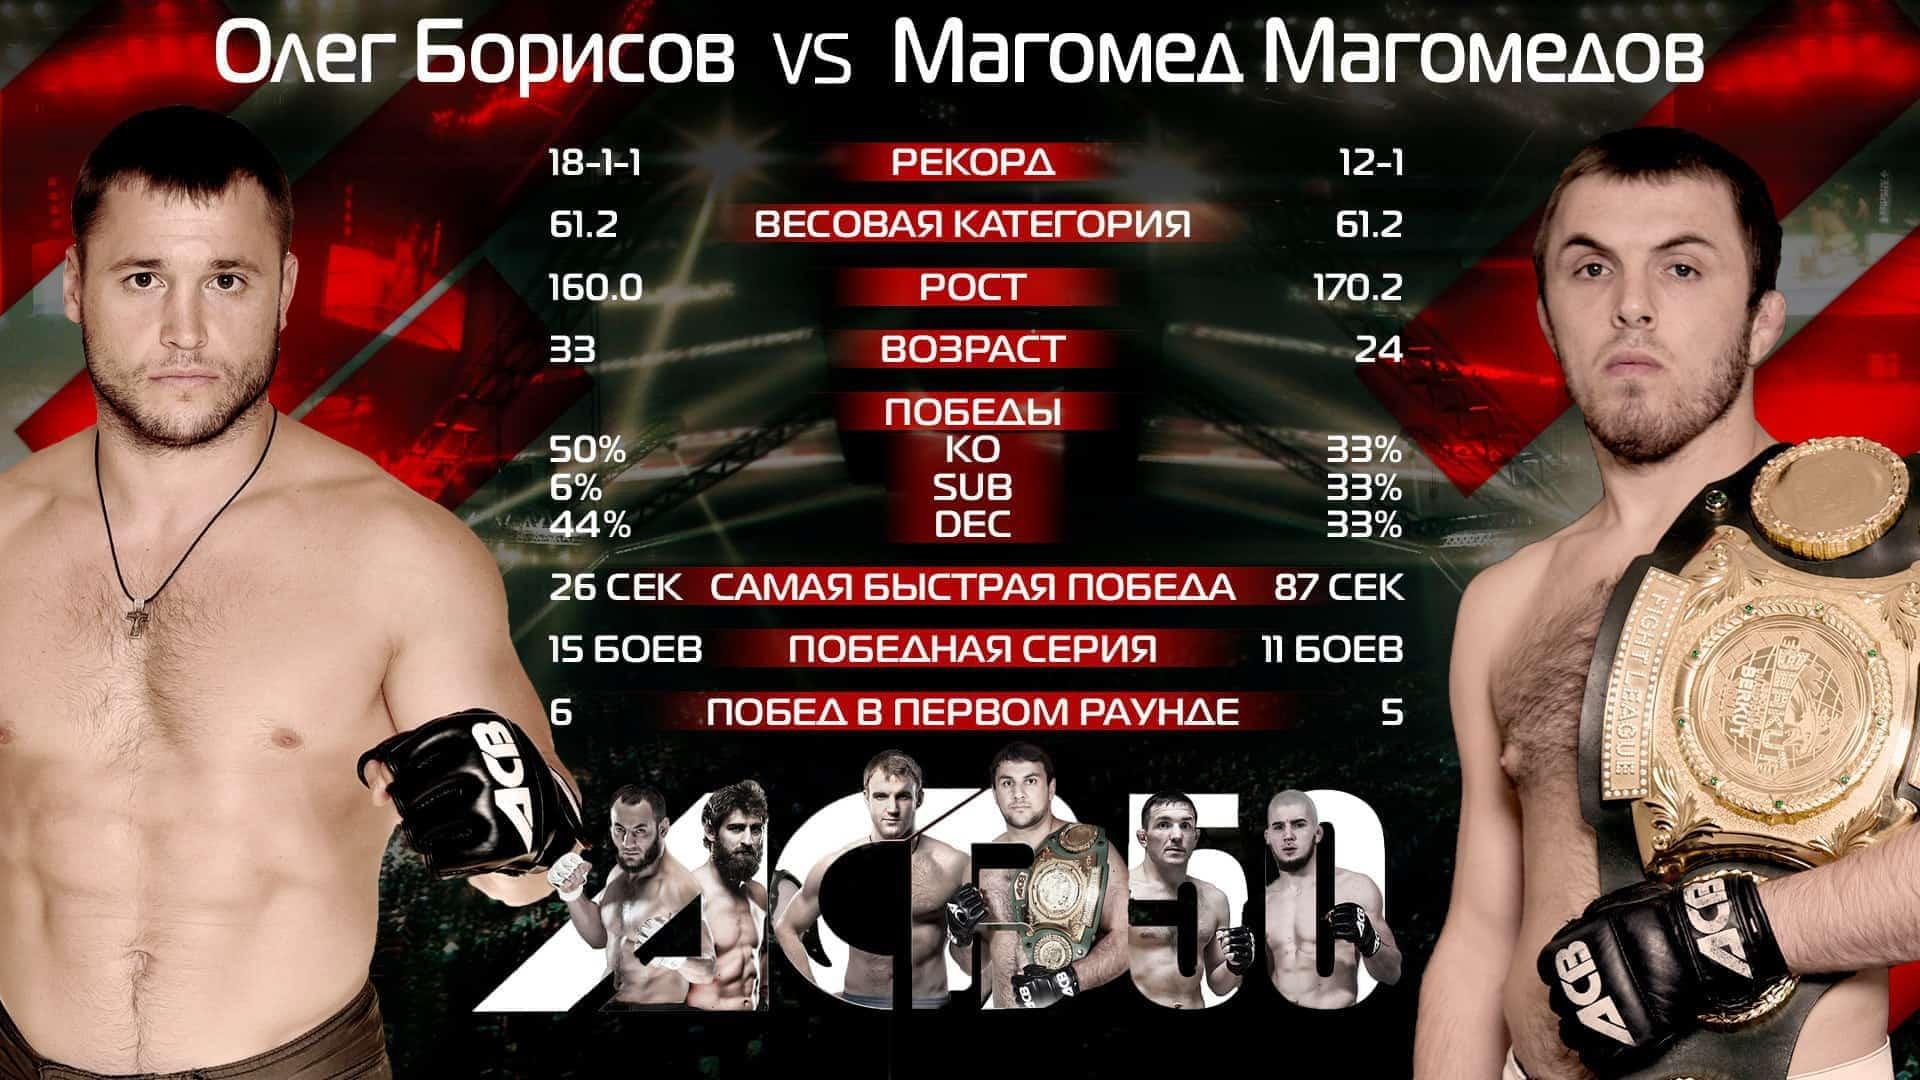 Магомедов Борисов статистика